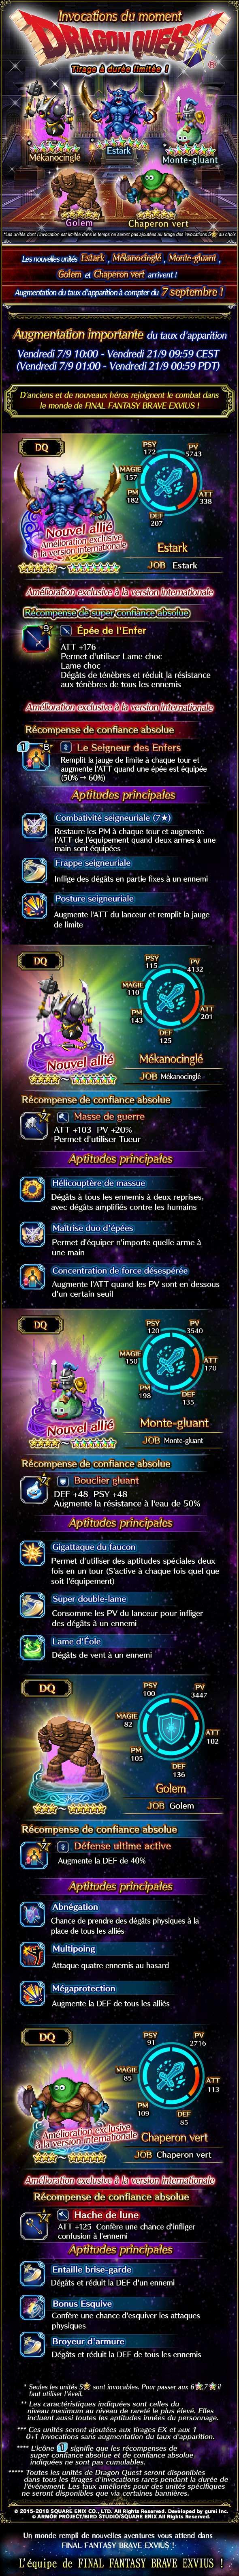 Invocations du moment - Collab Dragon Quest #2 (Estark) Gacha_NEWS_DragonQuest_Compilation